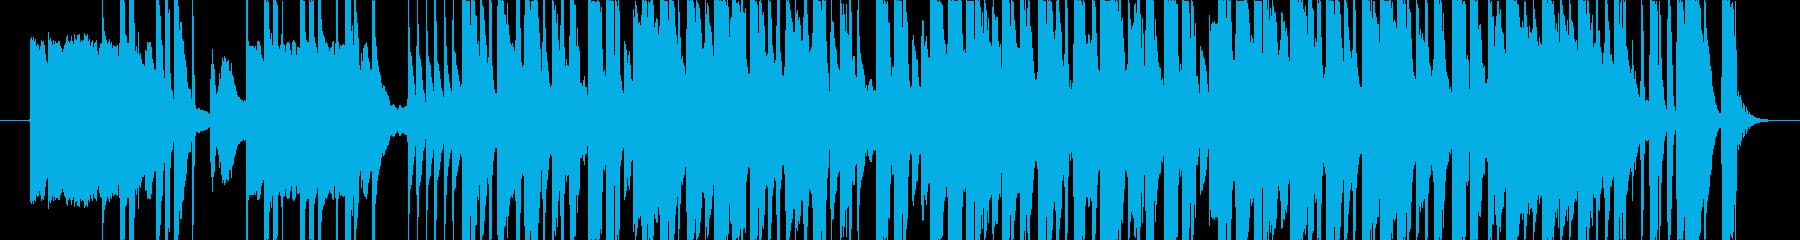 ピコピココミカル・バラエティ番組BGMその再生済みの波形